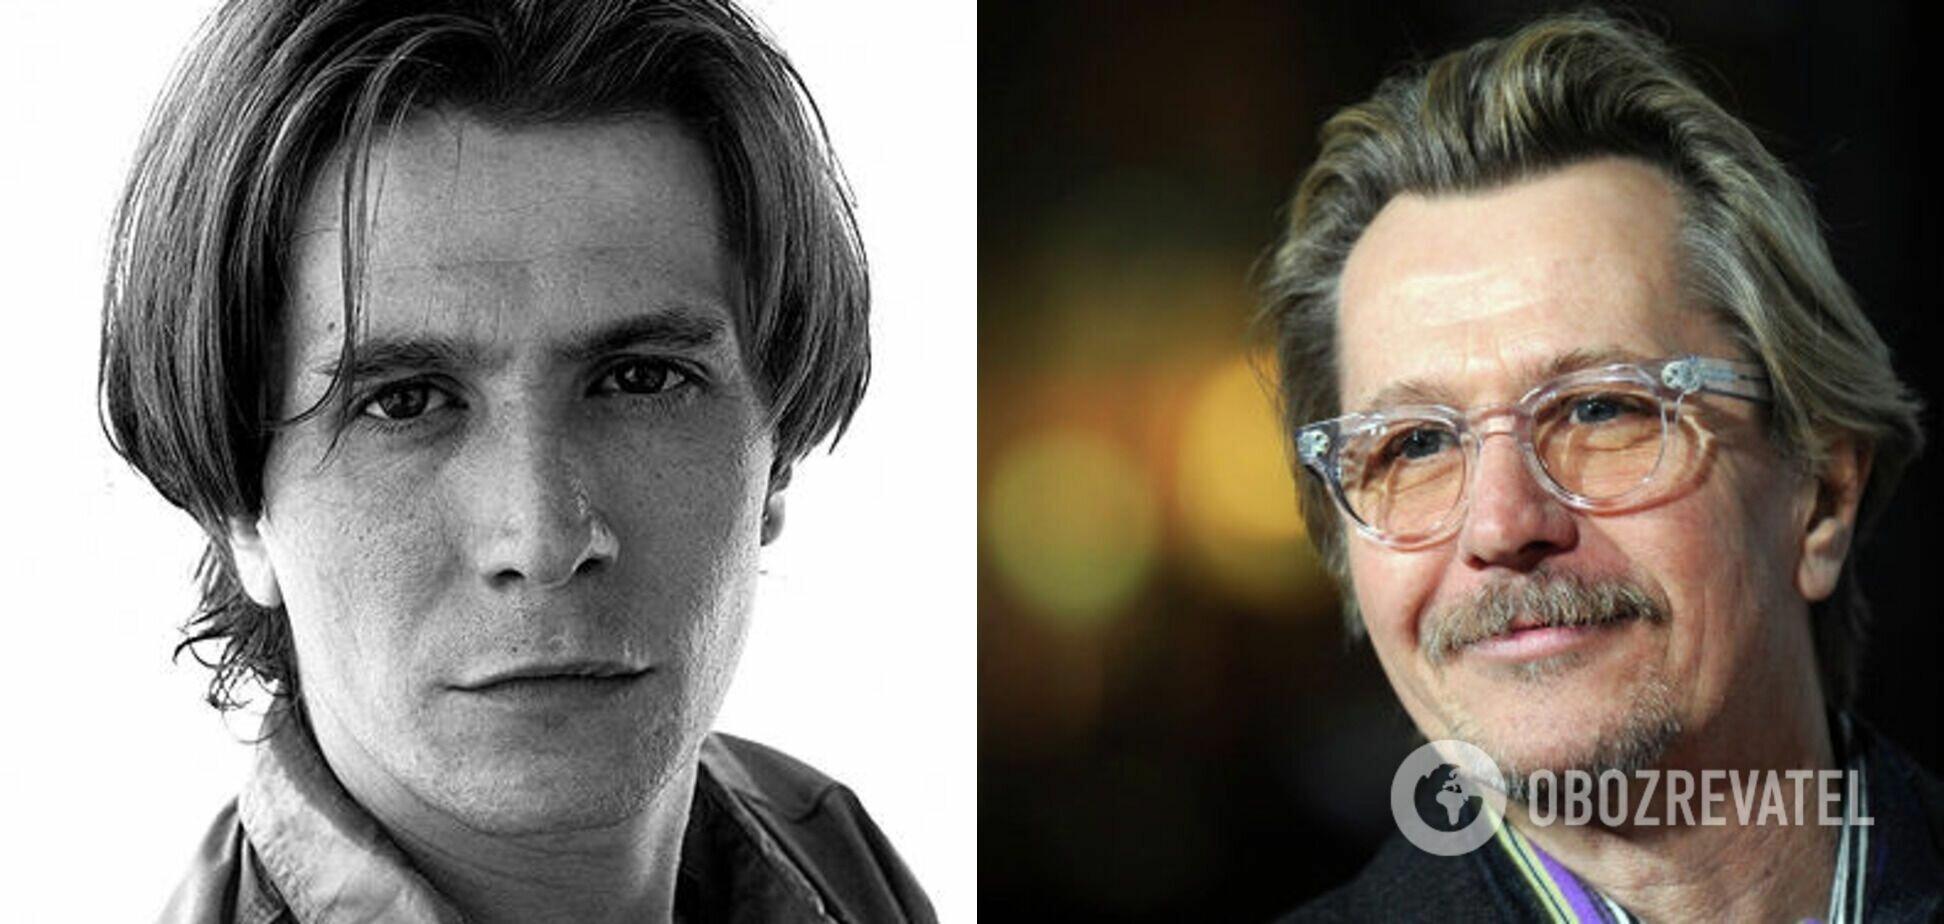 Гари Олдман является культовым английським актером театра и кино.